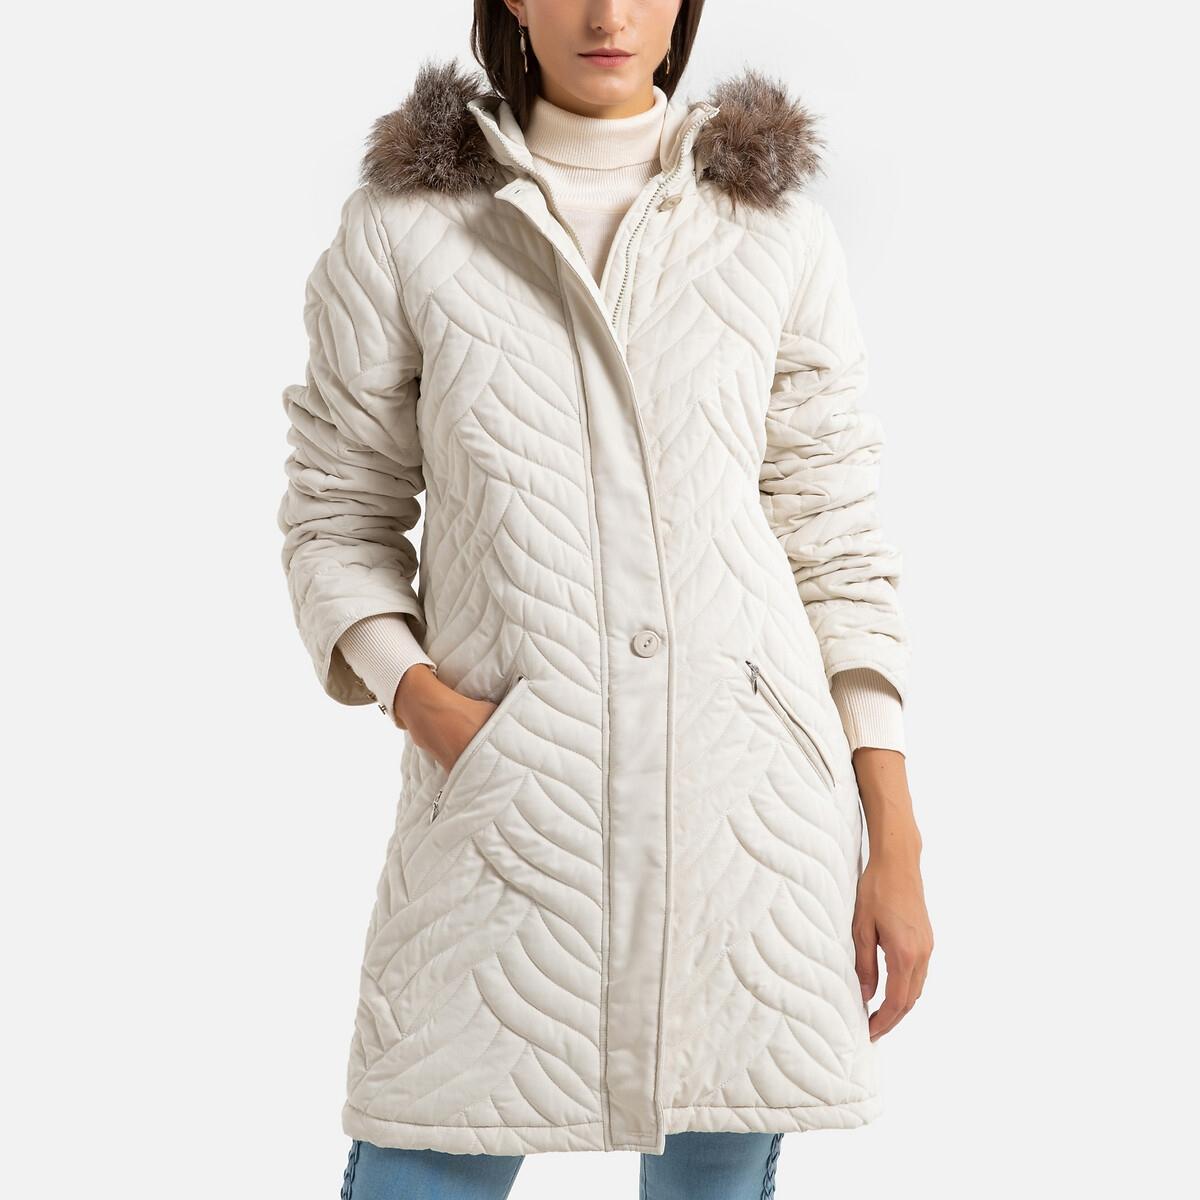 Blusão com capuz, especial frio